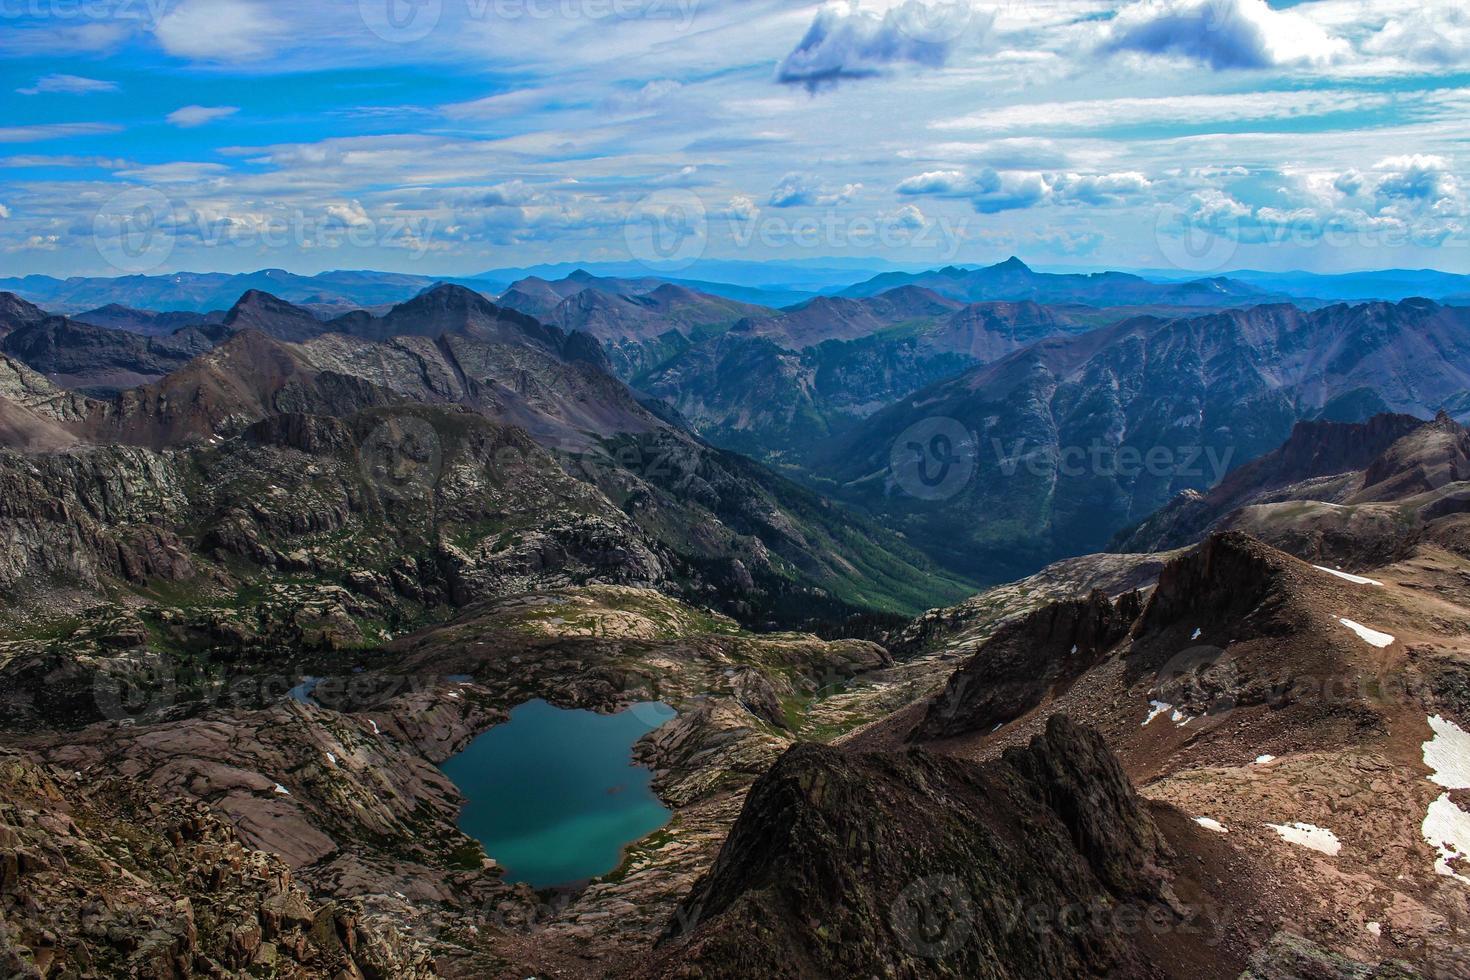 sommet de la montagne de rocher du colorado photo